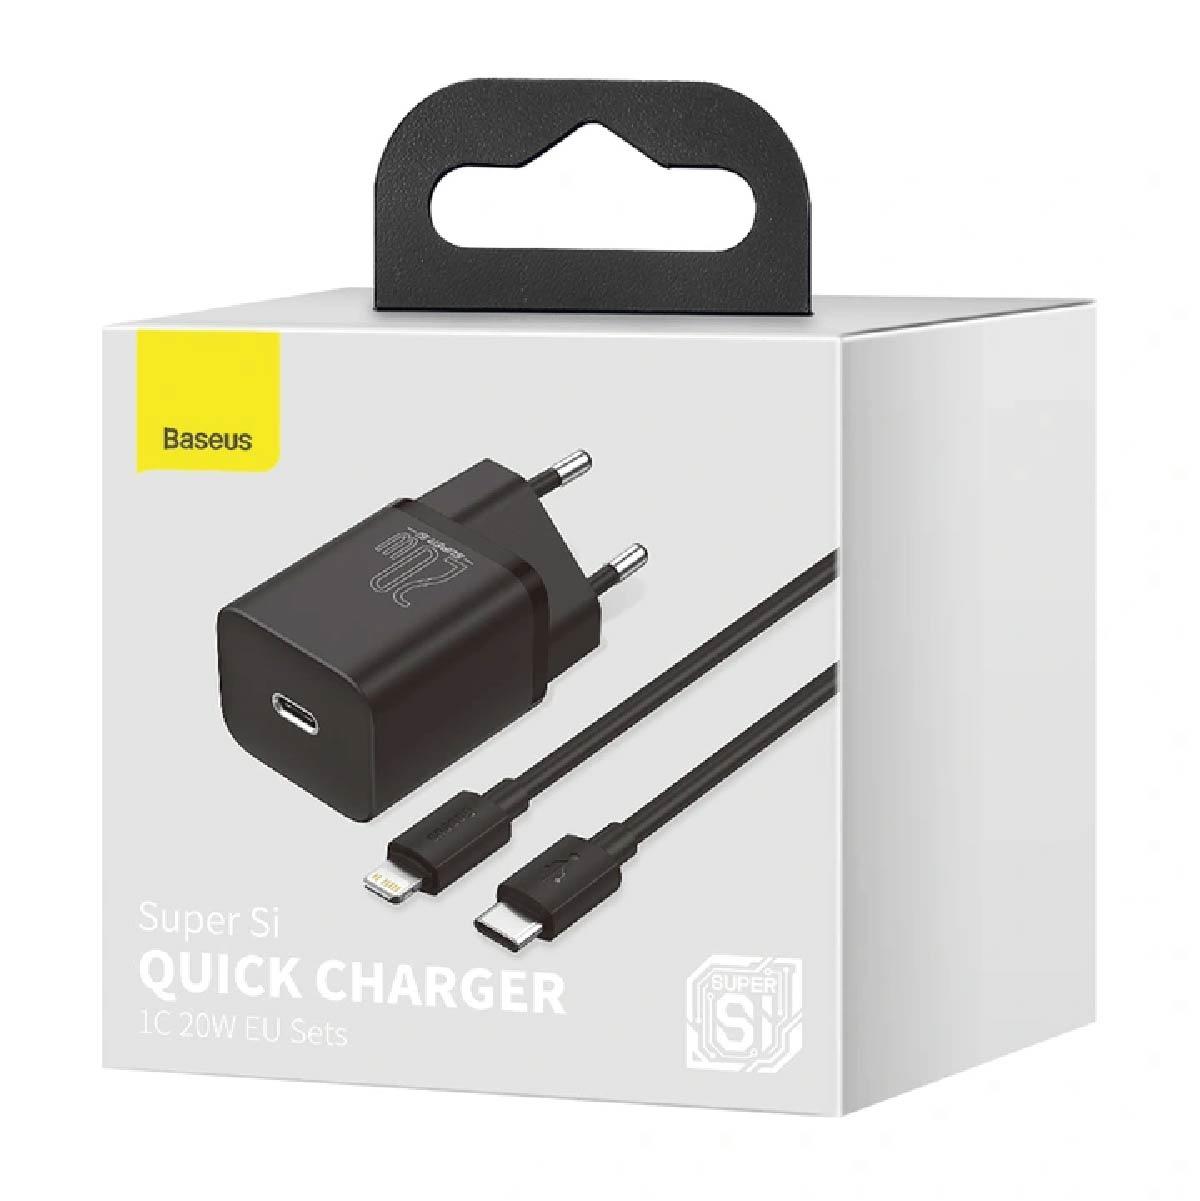 Carregador Para Iphone Tipo-C PD 20w Quick Charger Super Si